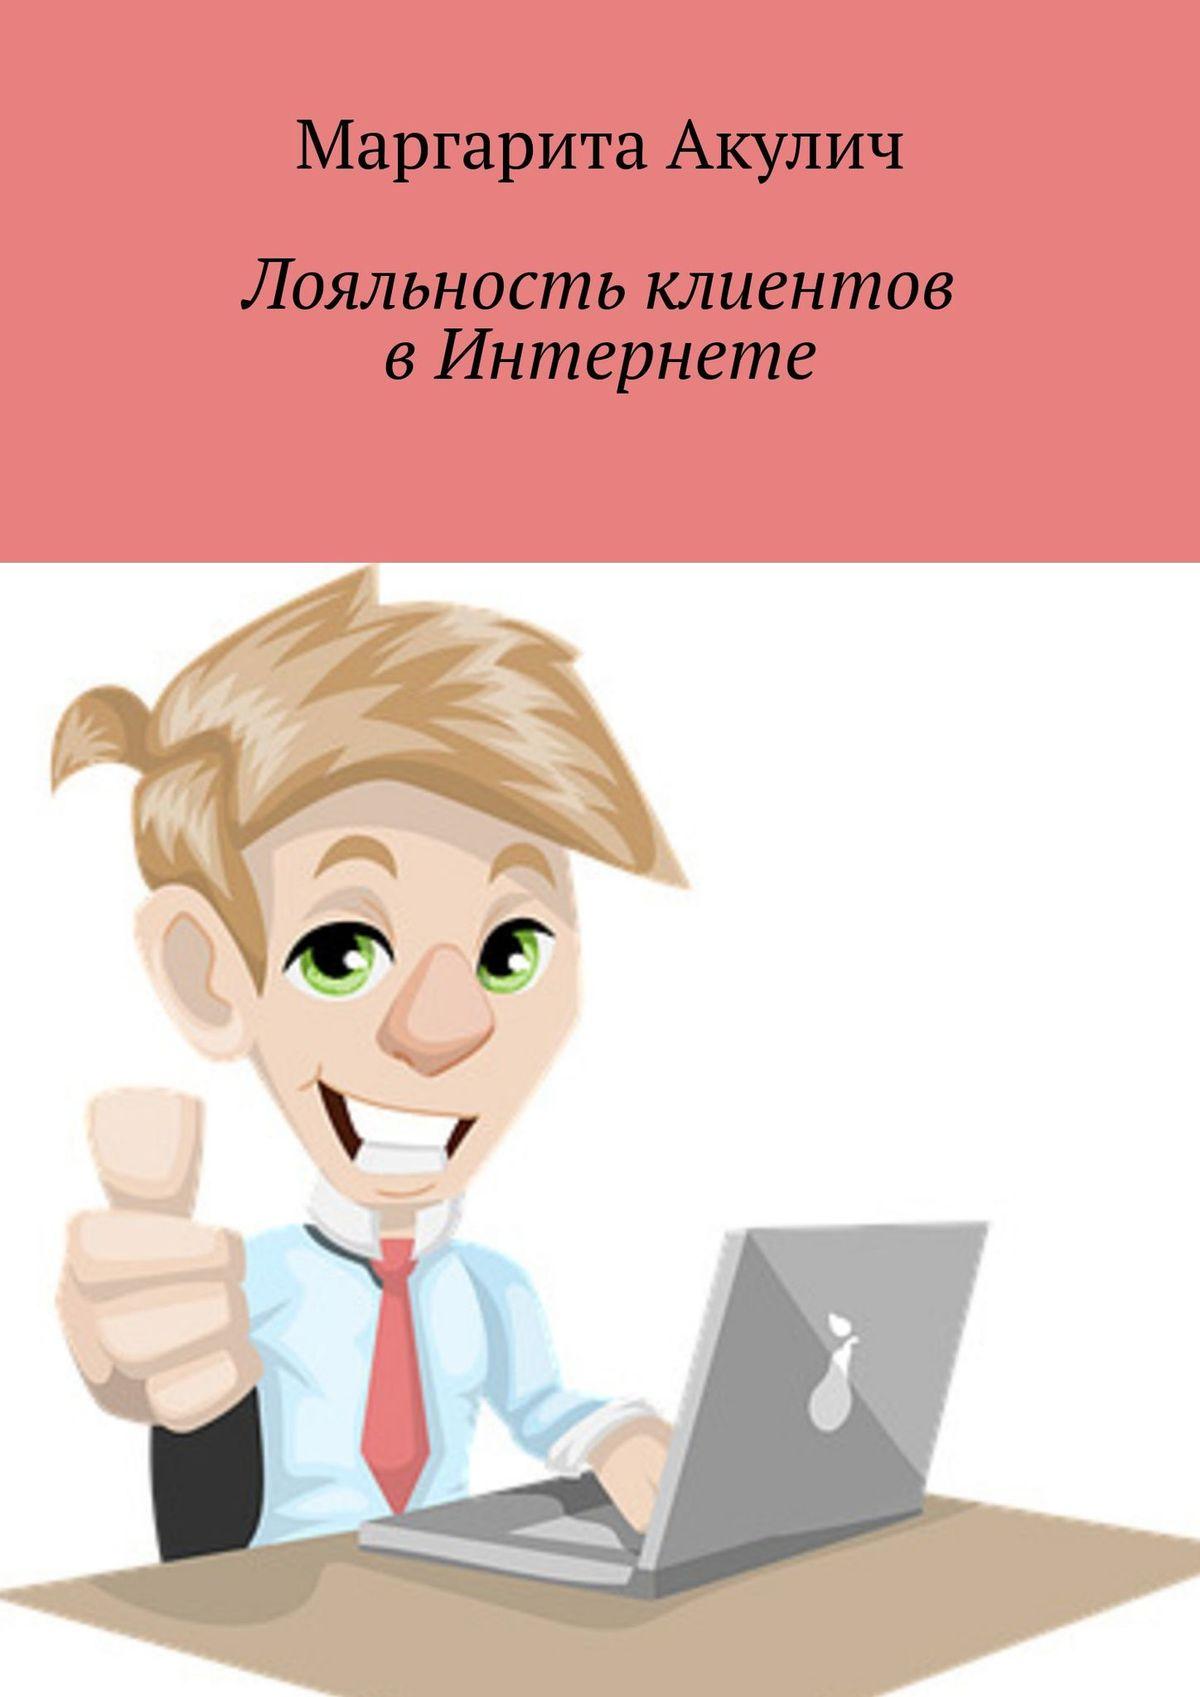 Маргарита Акулич Лояльность клиентов вИнтернете. Направления и способы повышения, советы, примеры леонид бобков конкурентоспособность промышленности россии и направления ее повышения